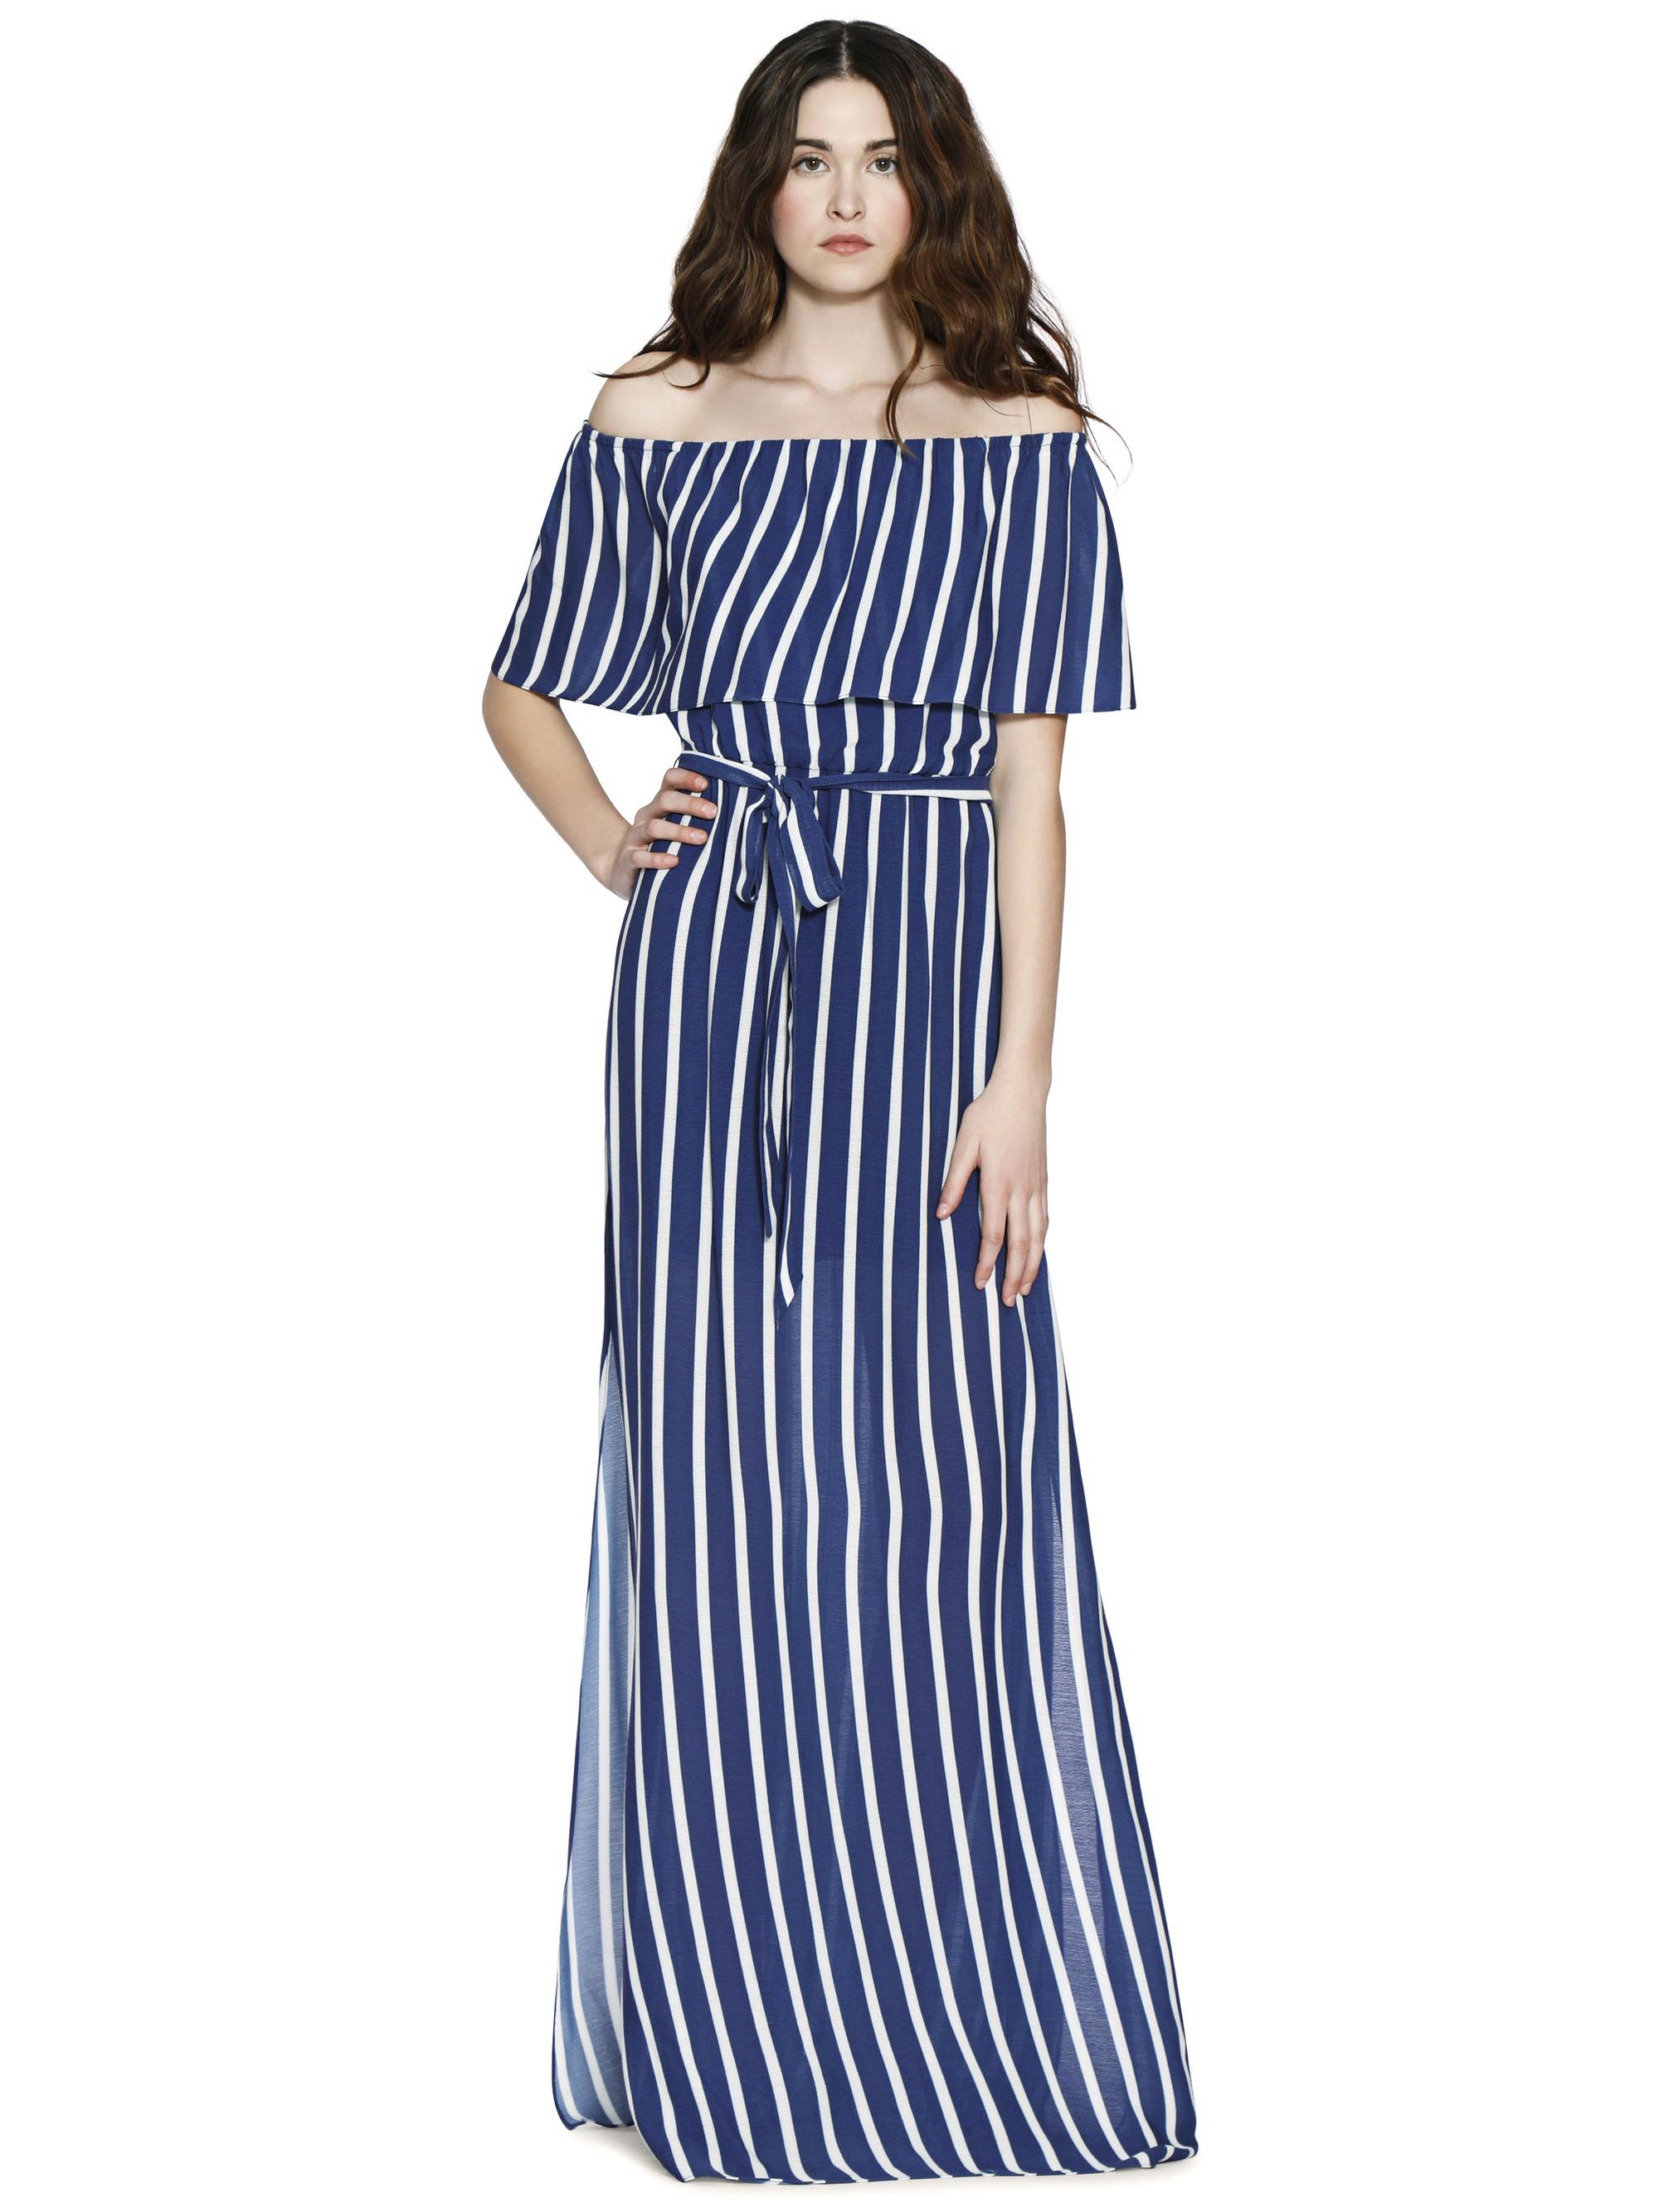 0d259a2bd46 Alice + Olivia Grazi Off Shoulder Maxi Dress With Belt - 10 ...